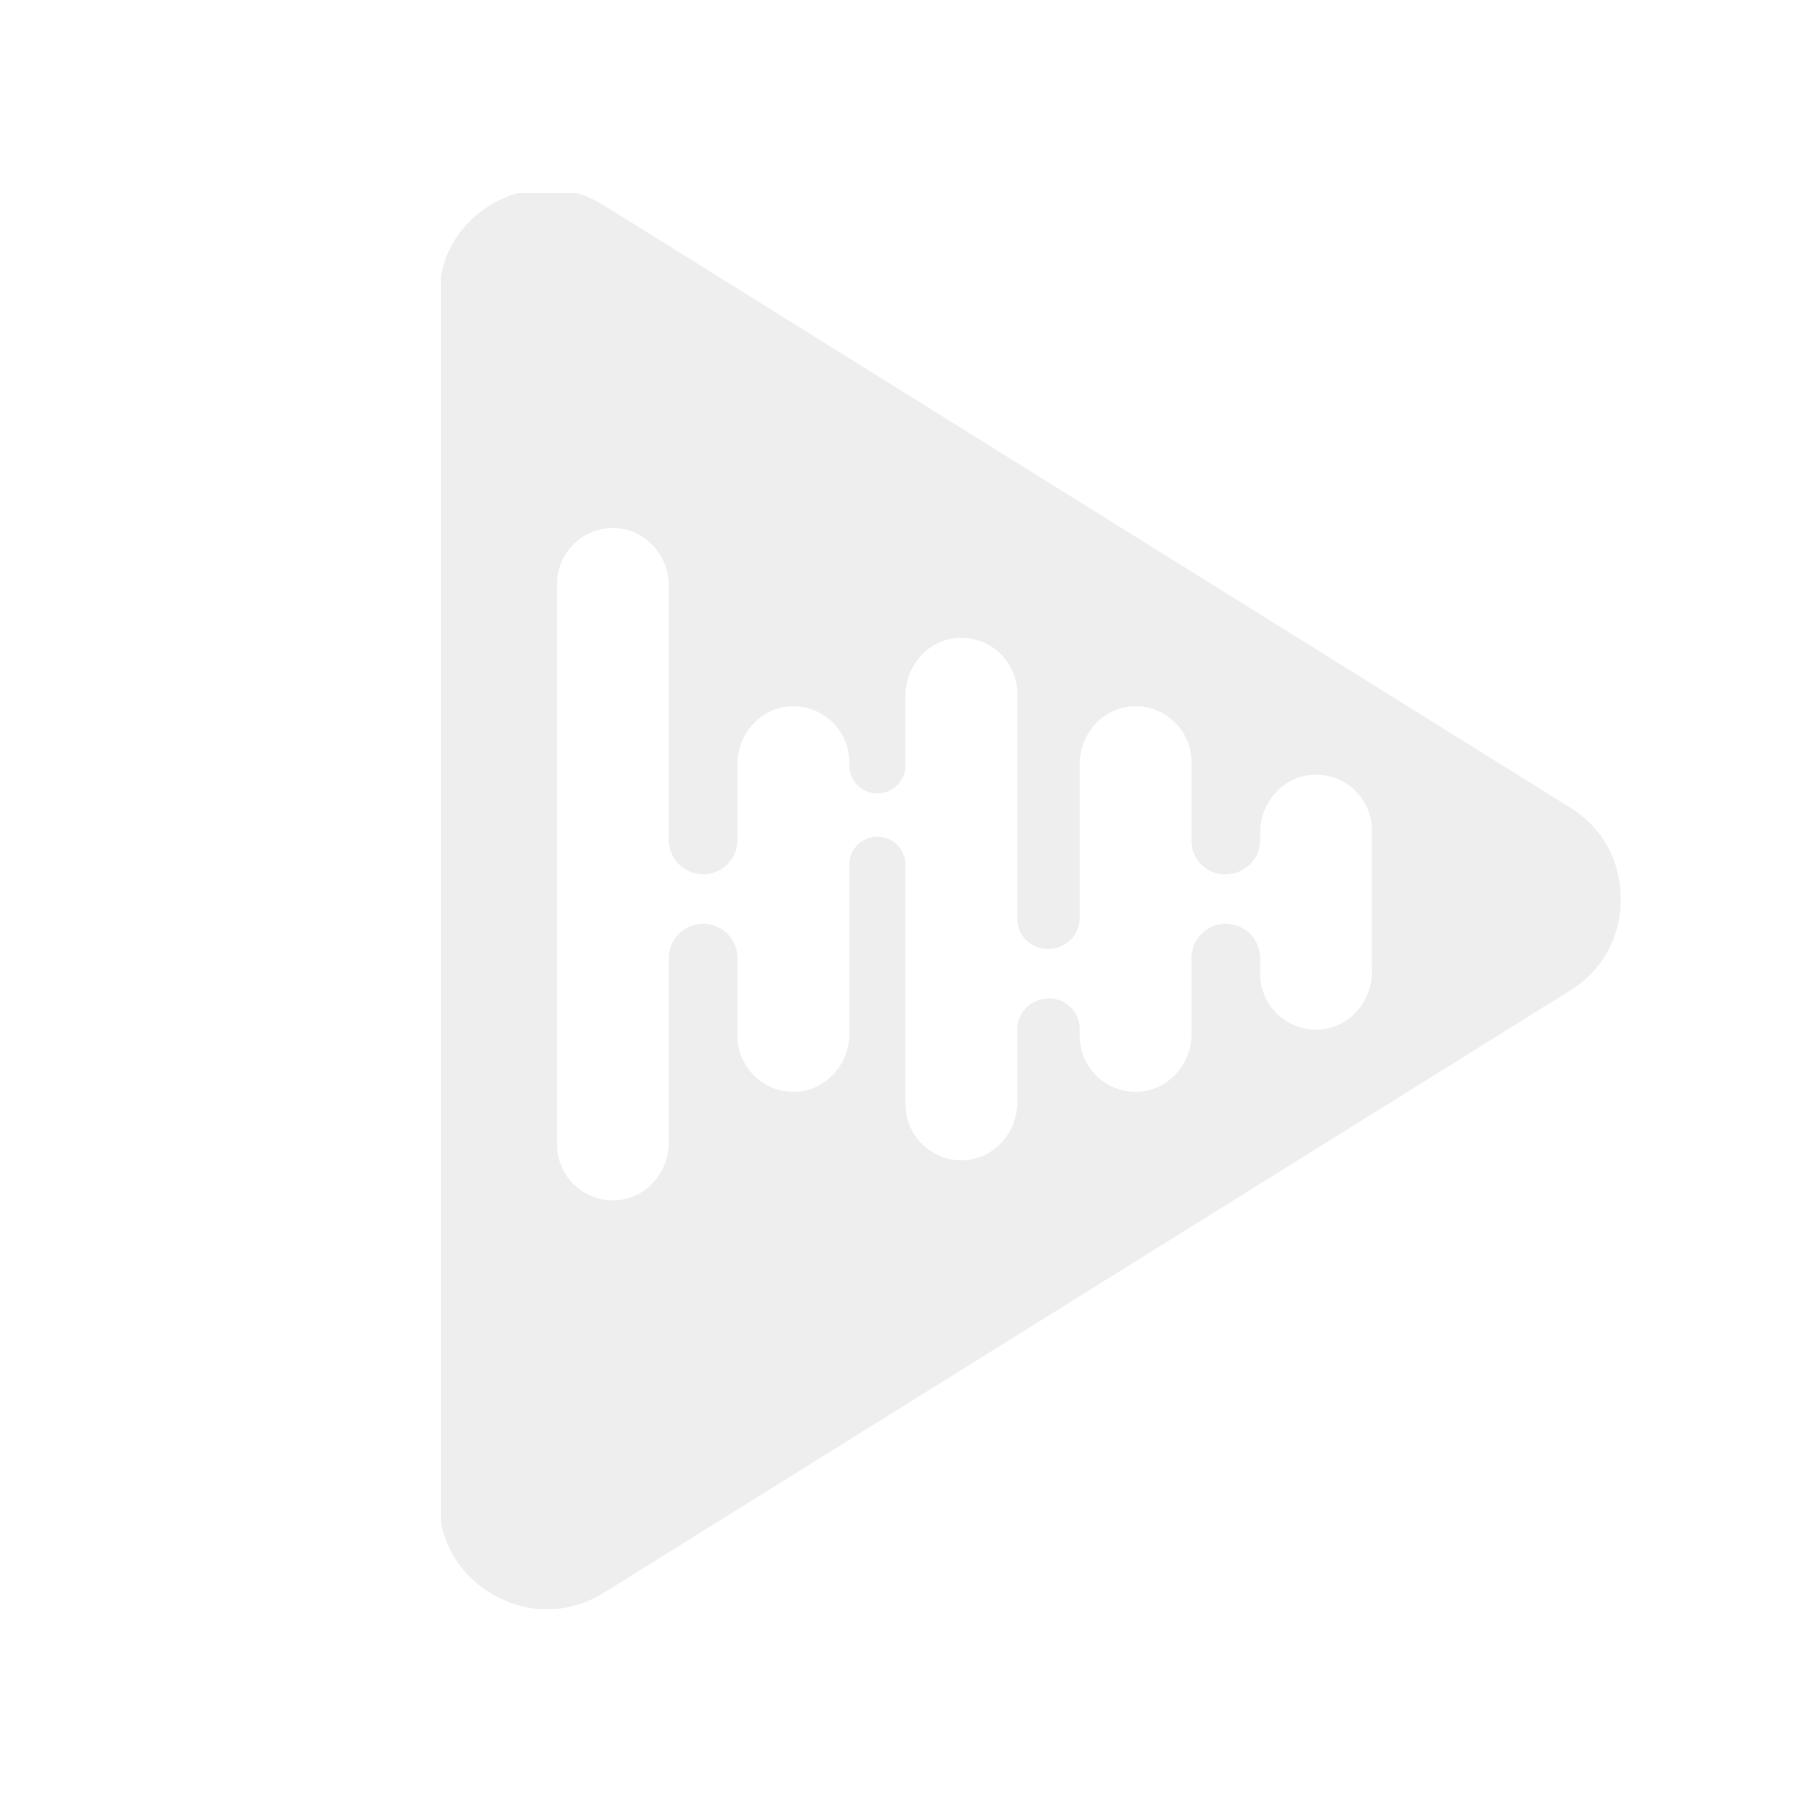 Mazda B-serie (1996-1999)